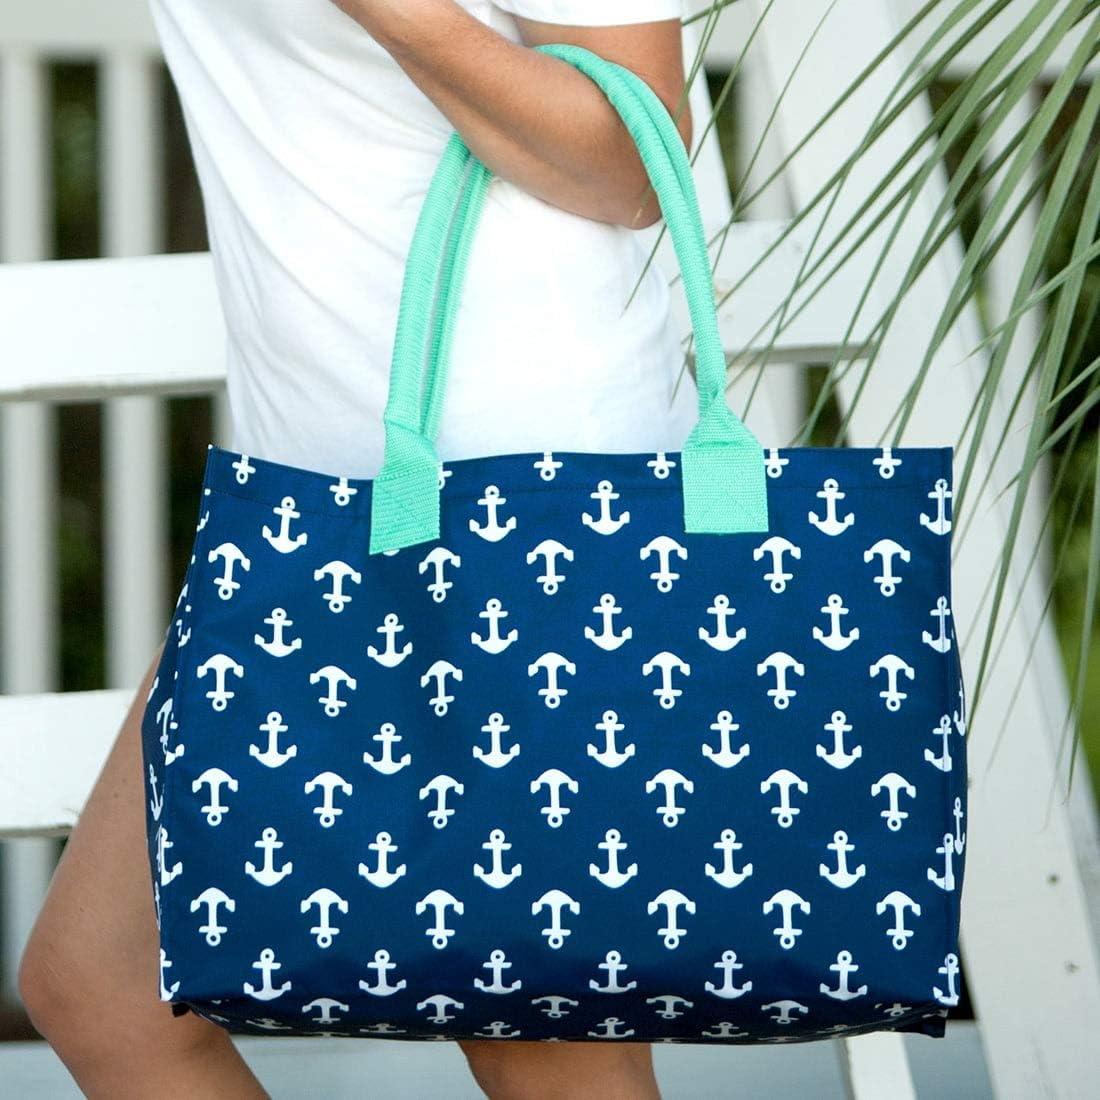 Viv /& Lou Sea Glass Royal Blue 60 x 30 Cotton Fashion Beach Towel